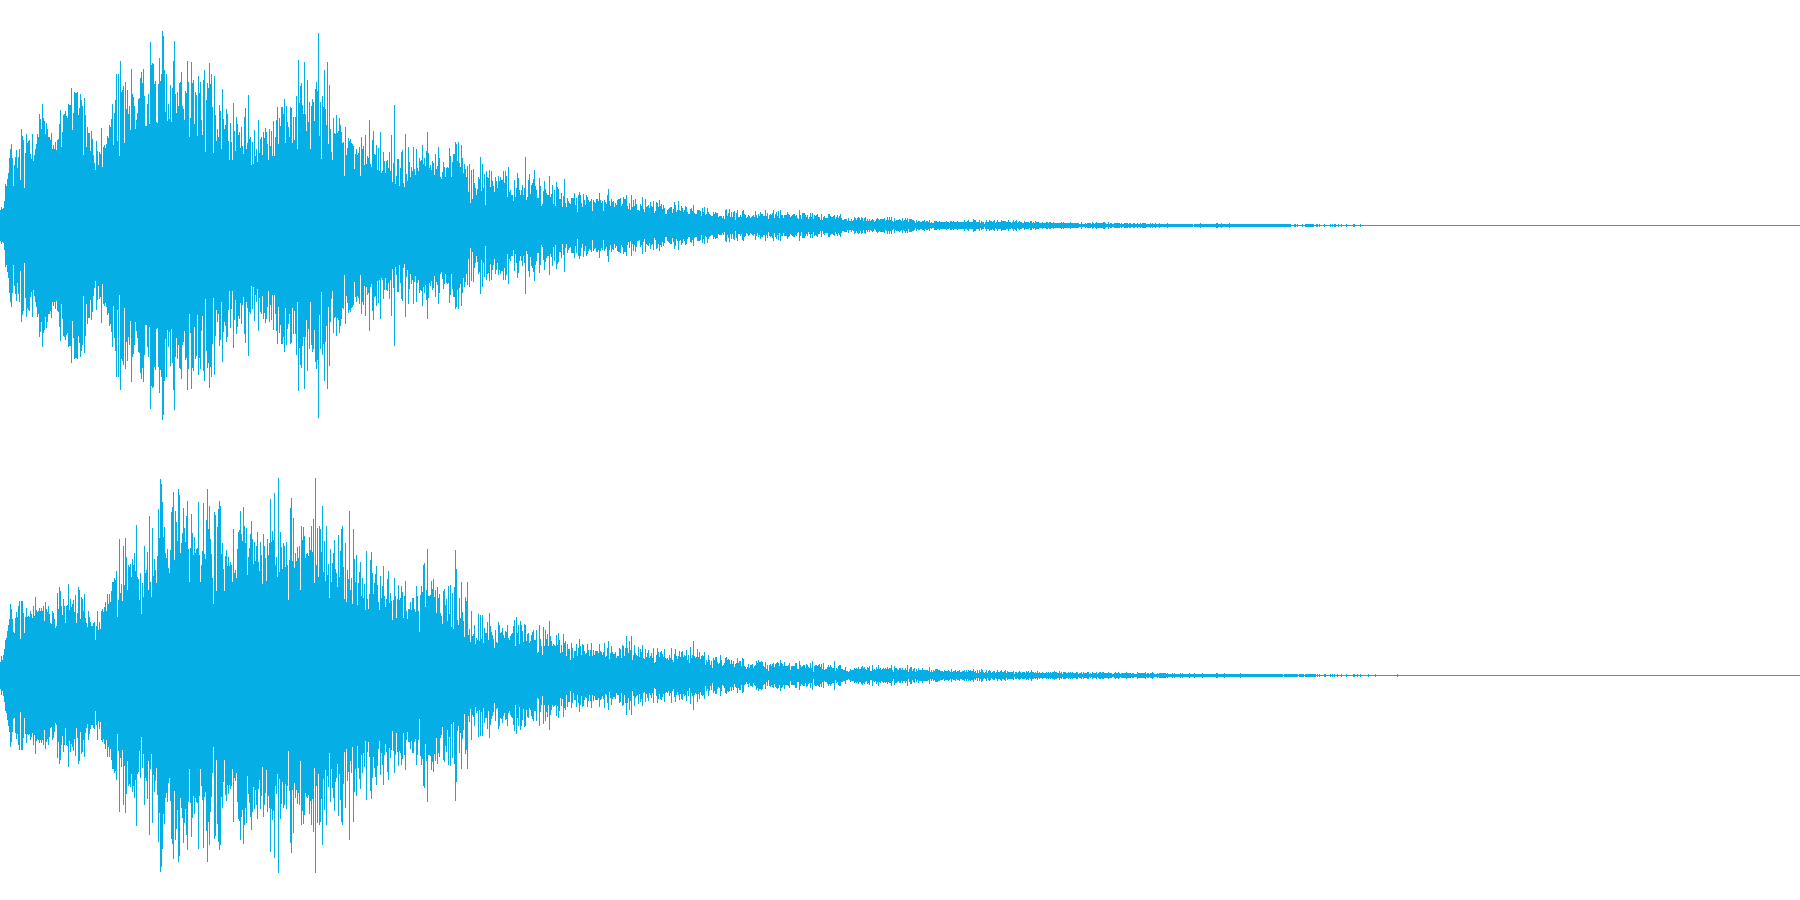 胡弓のチャイナ中国インパクトジングル17の再生済みの波形